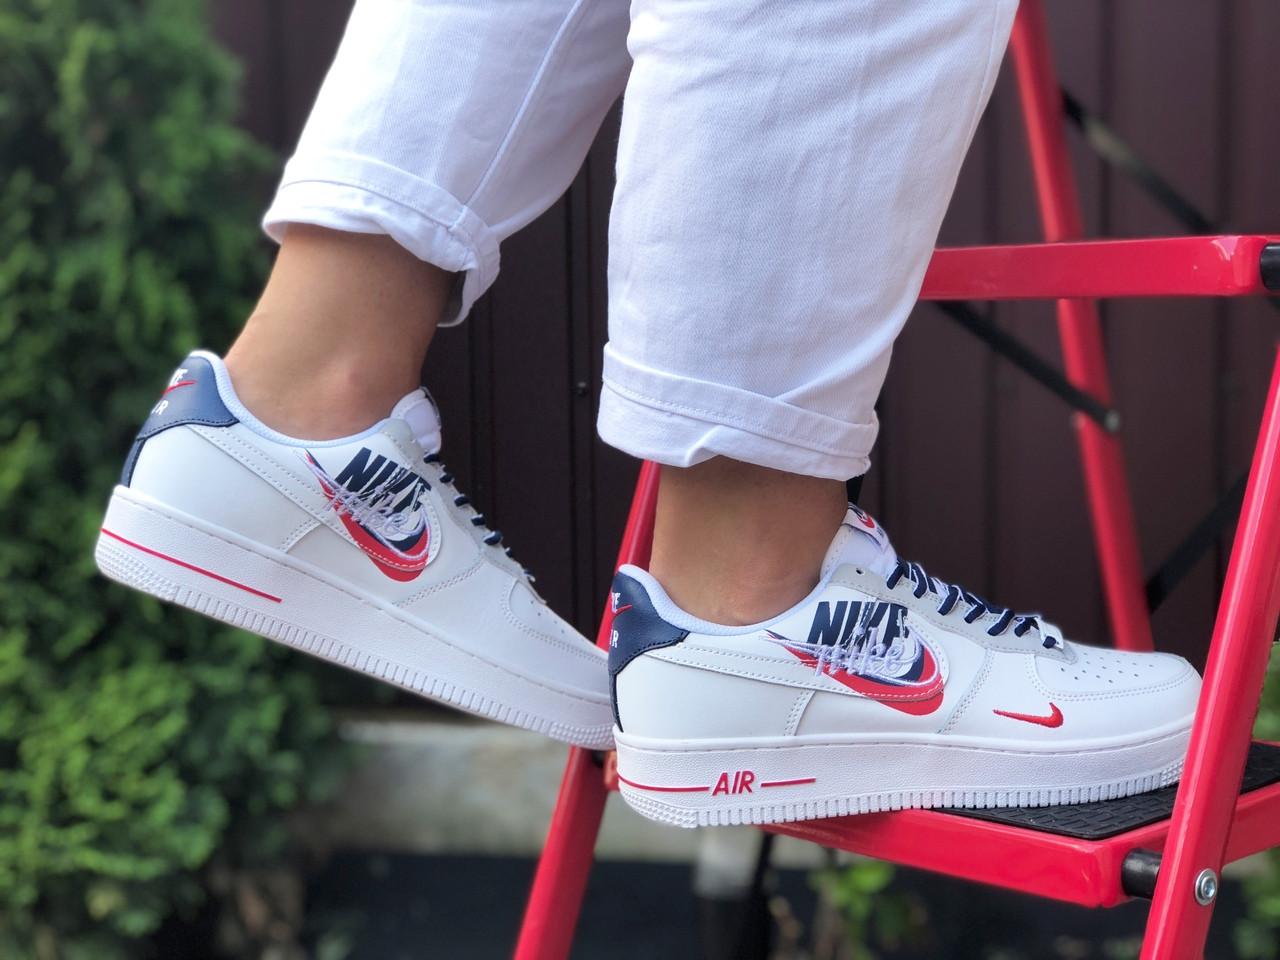 Жіночі кросівки Nike Air Force 1 білі з червоним, темно сині